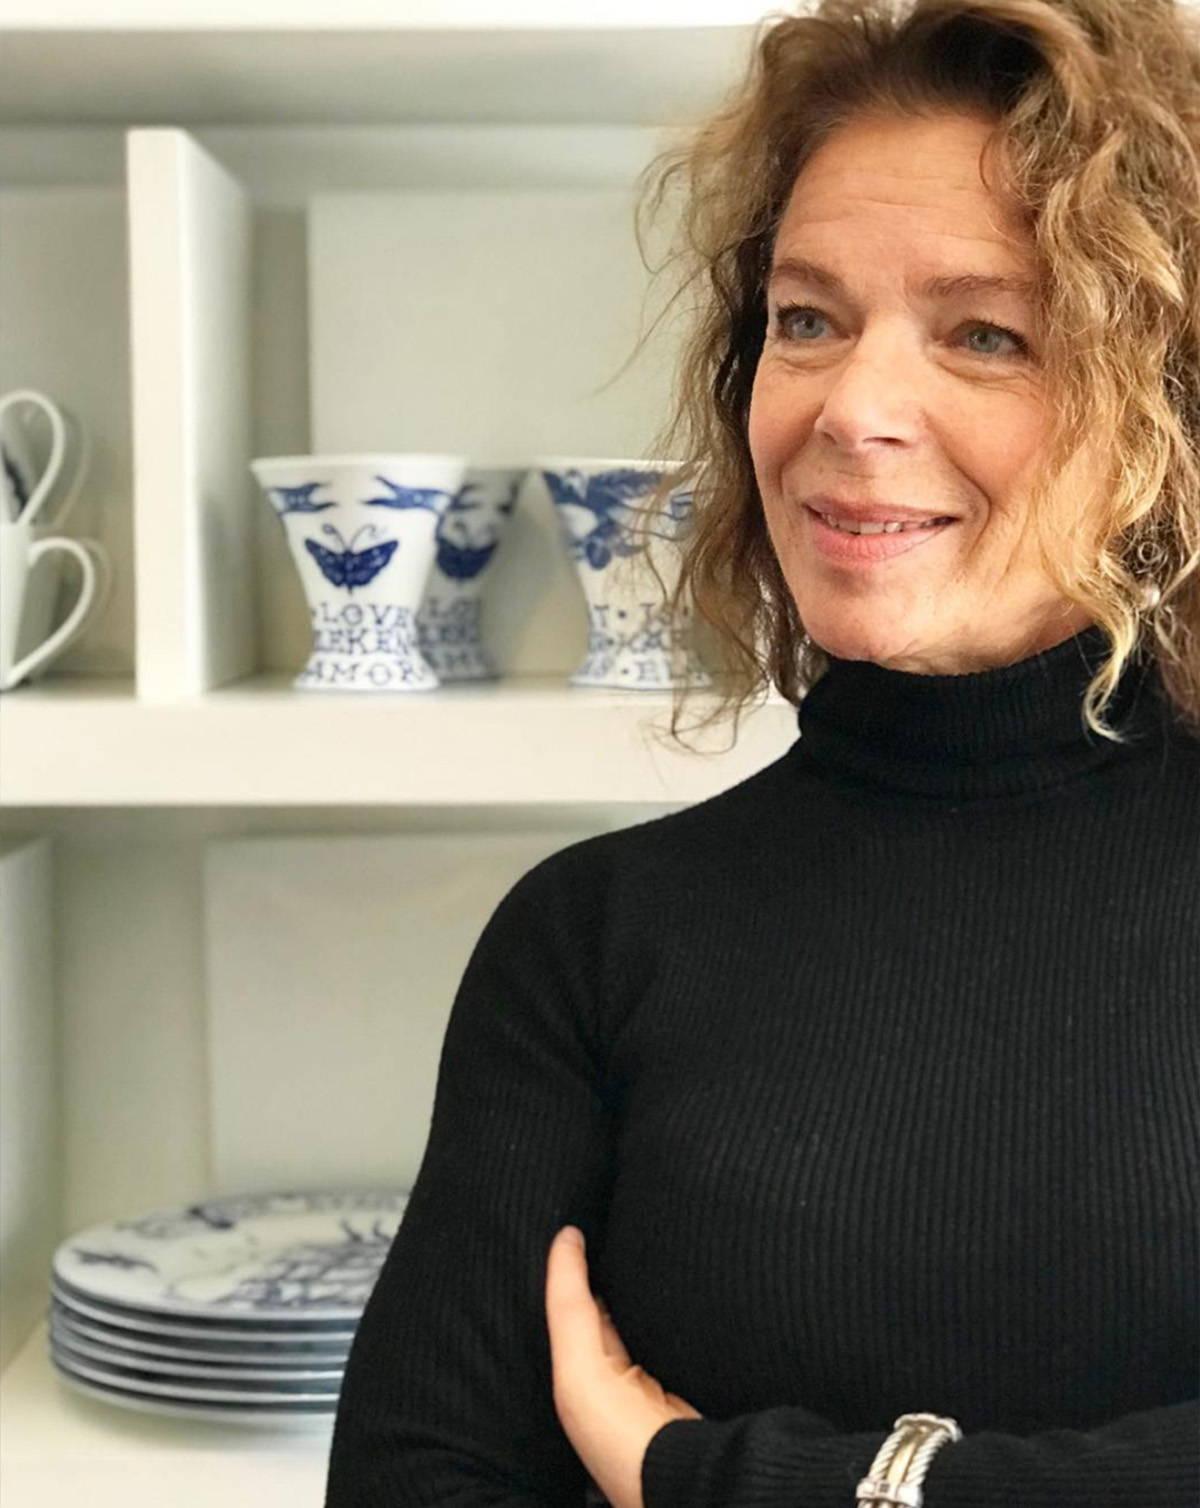 A photograph of Eva Gernandt